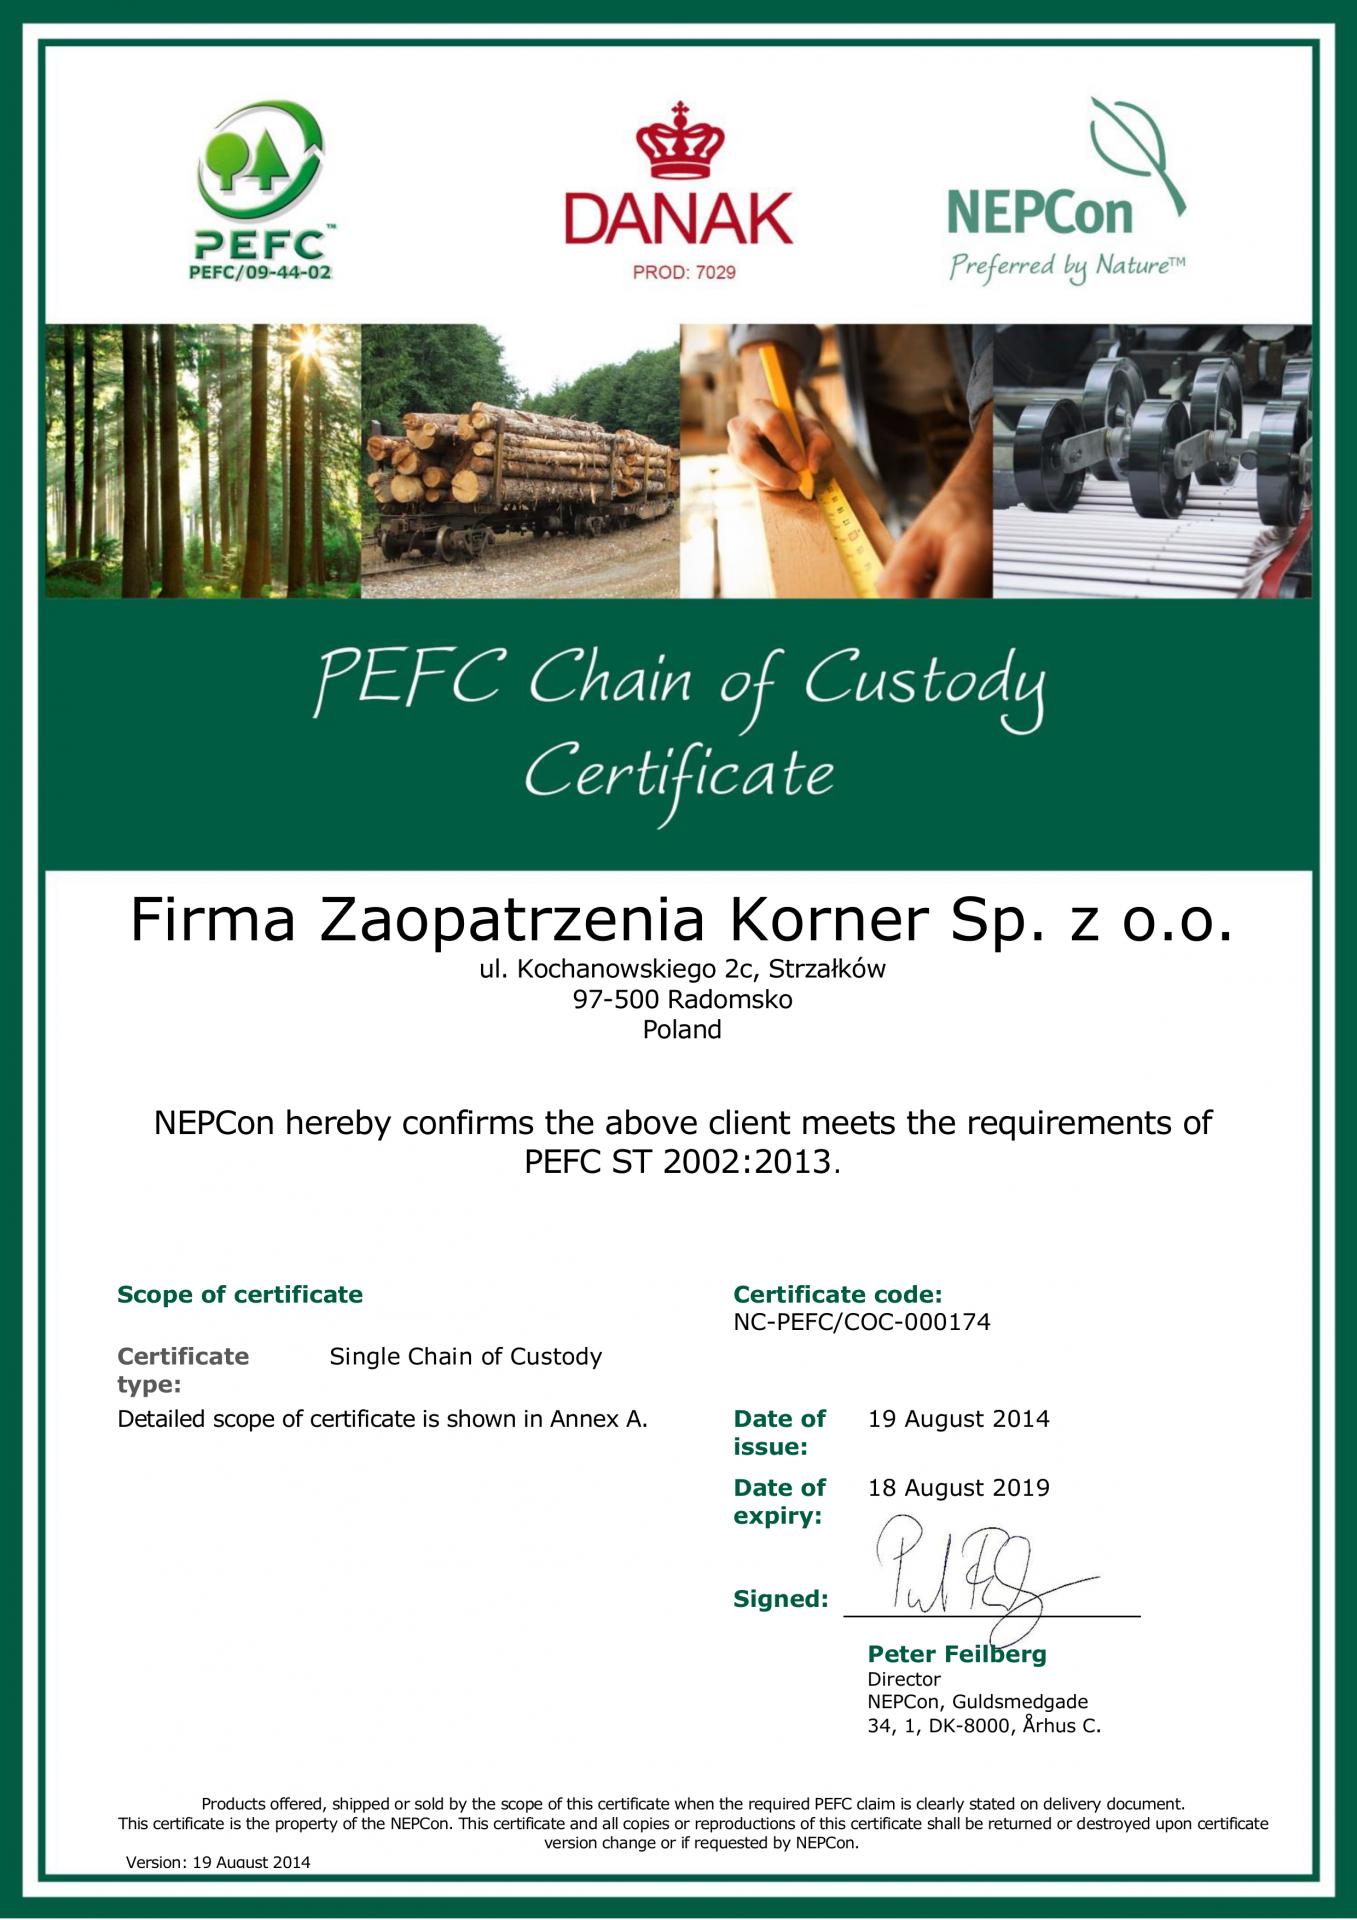 Firma Zaopatrzenia Korner Sp. z o.o. PEFC CoC cert 14 cz.1